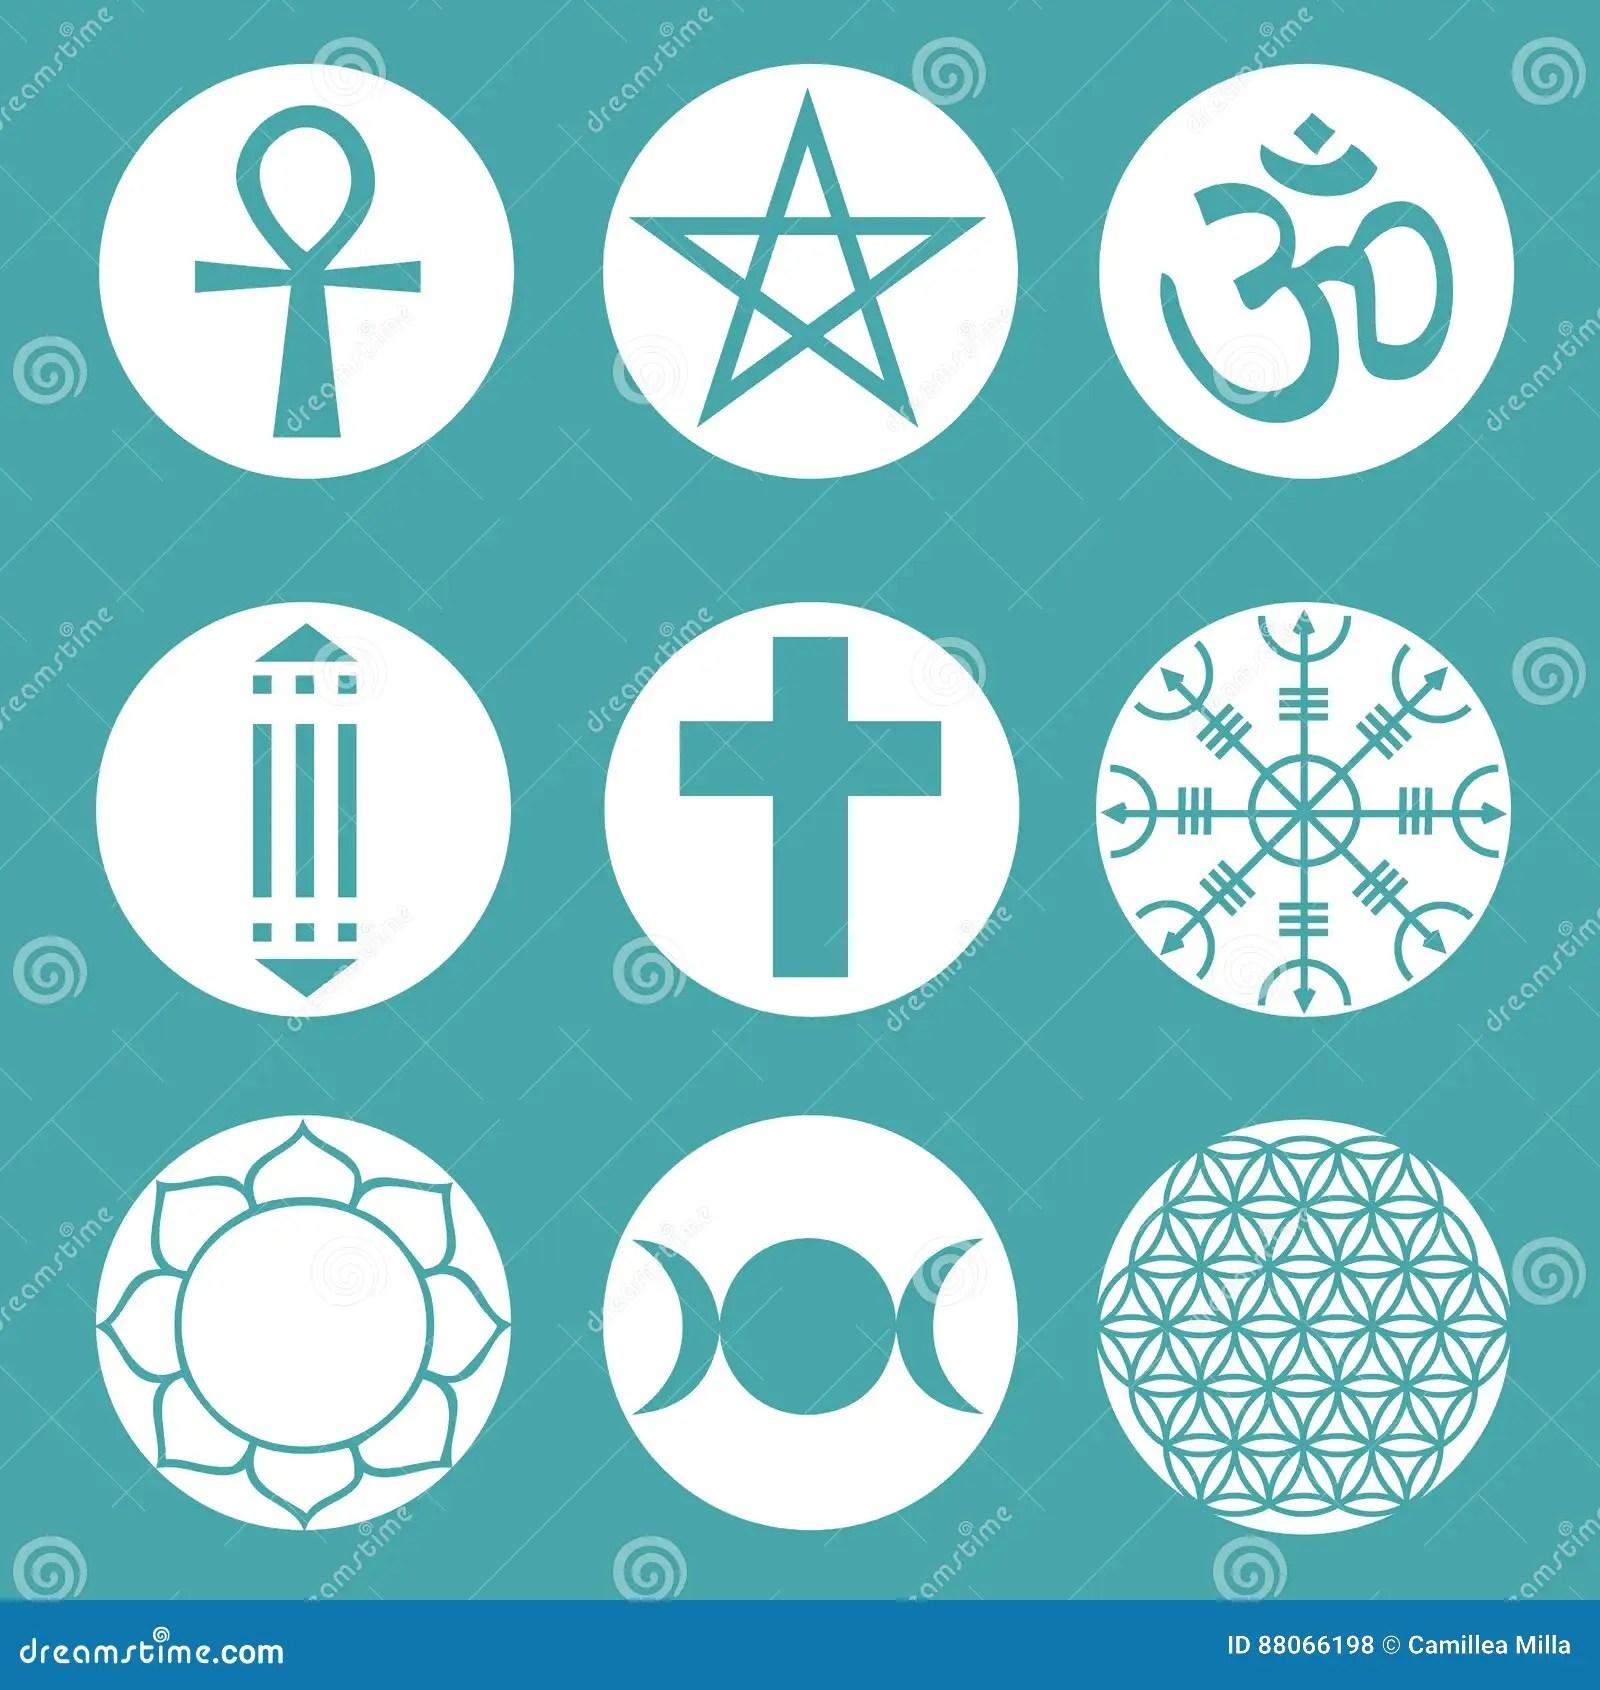 vector spiritual symbols set